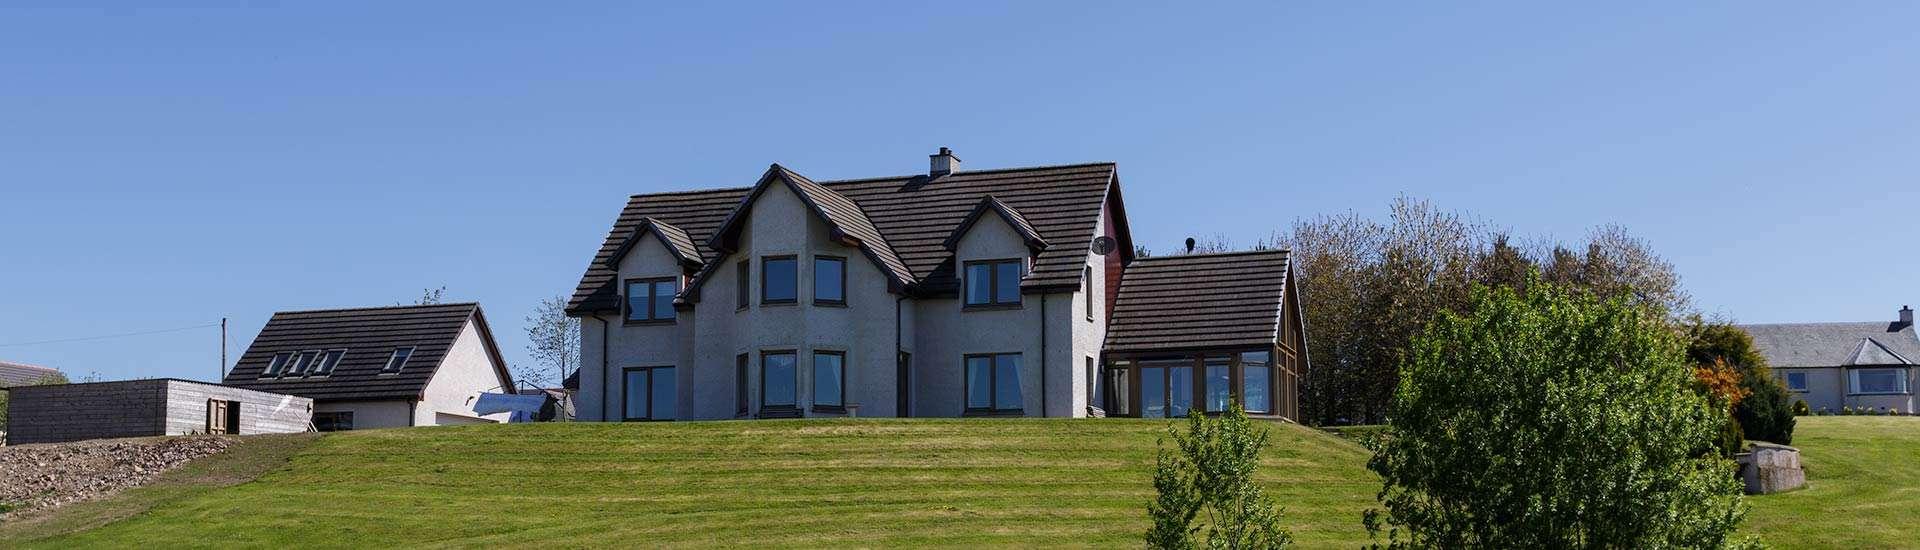 DruidView B&B Inverness